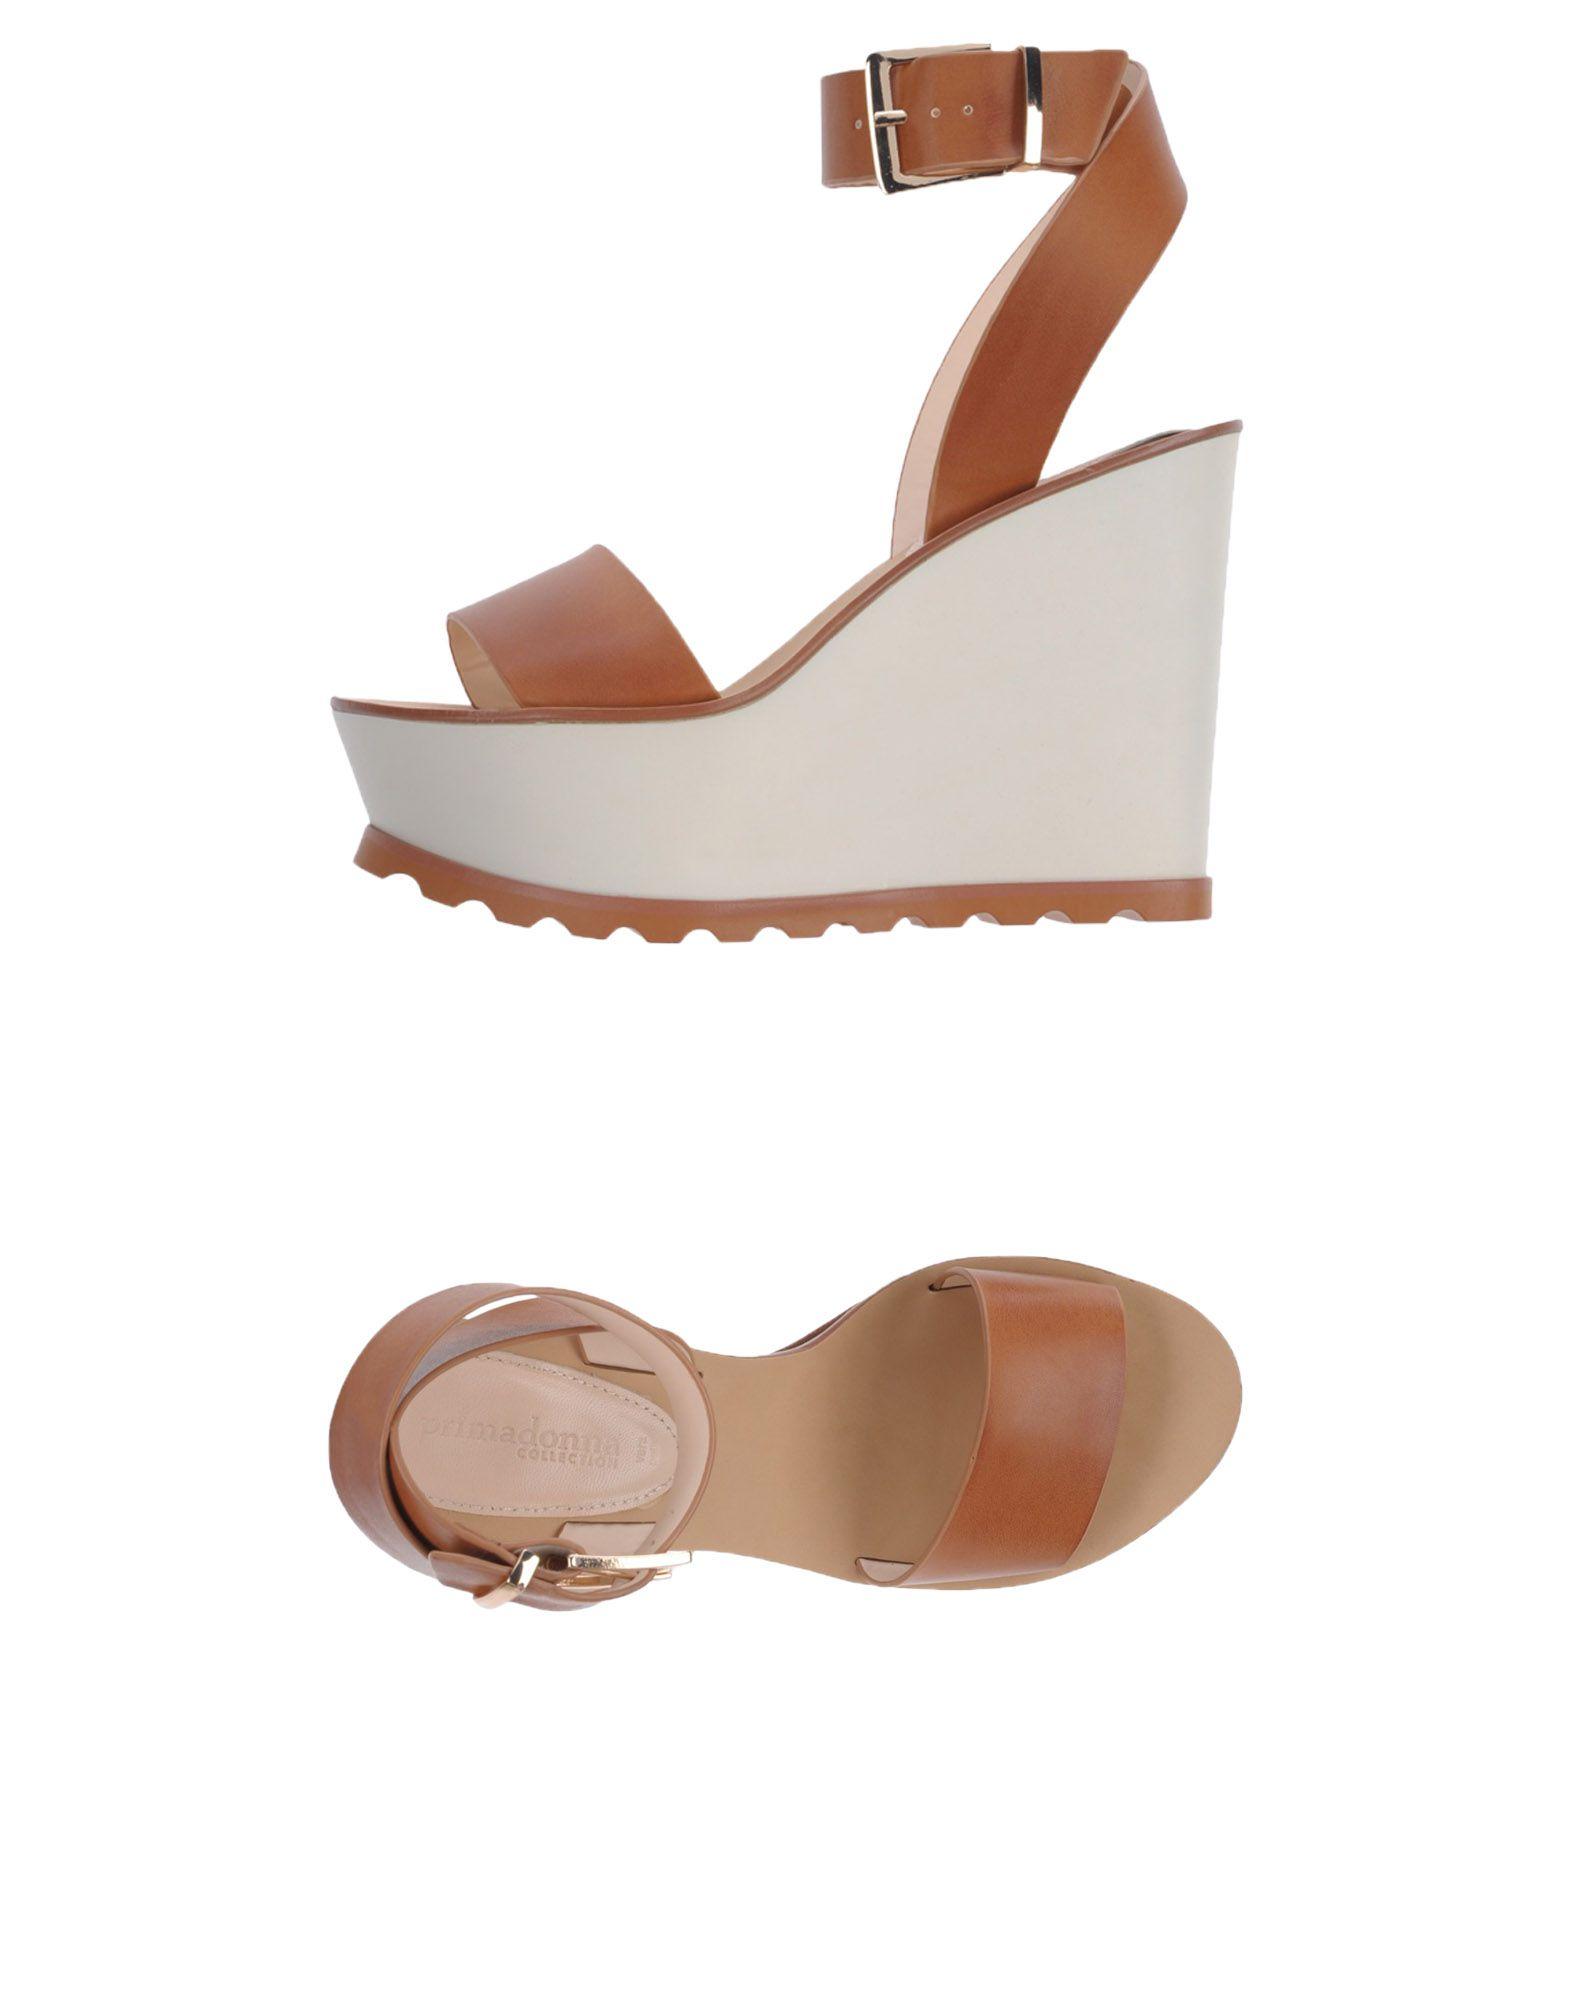 Sandali Primadonna Donna - 11350460WE Scarpe economiche e buone